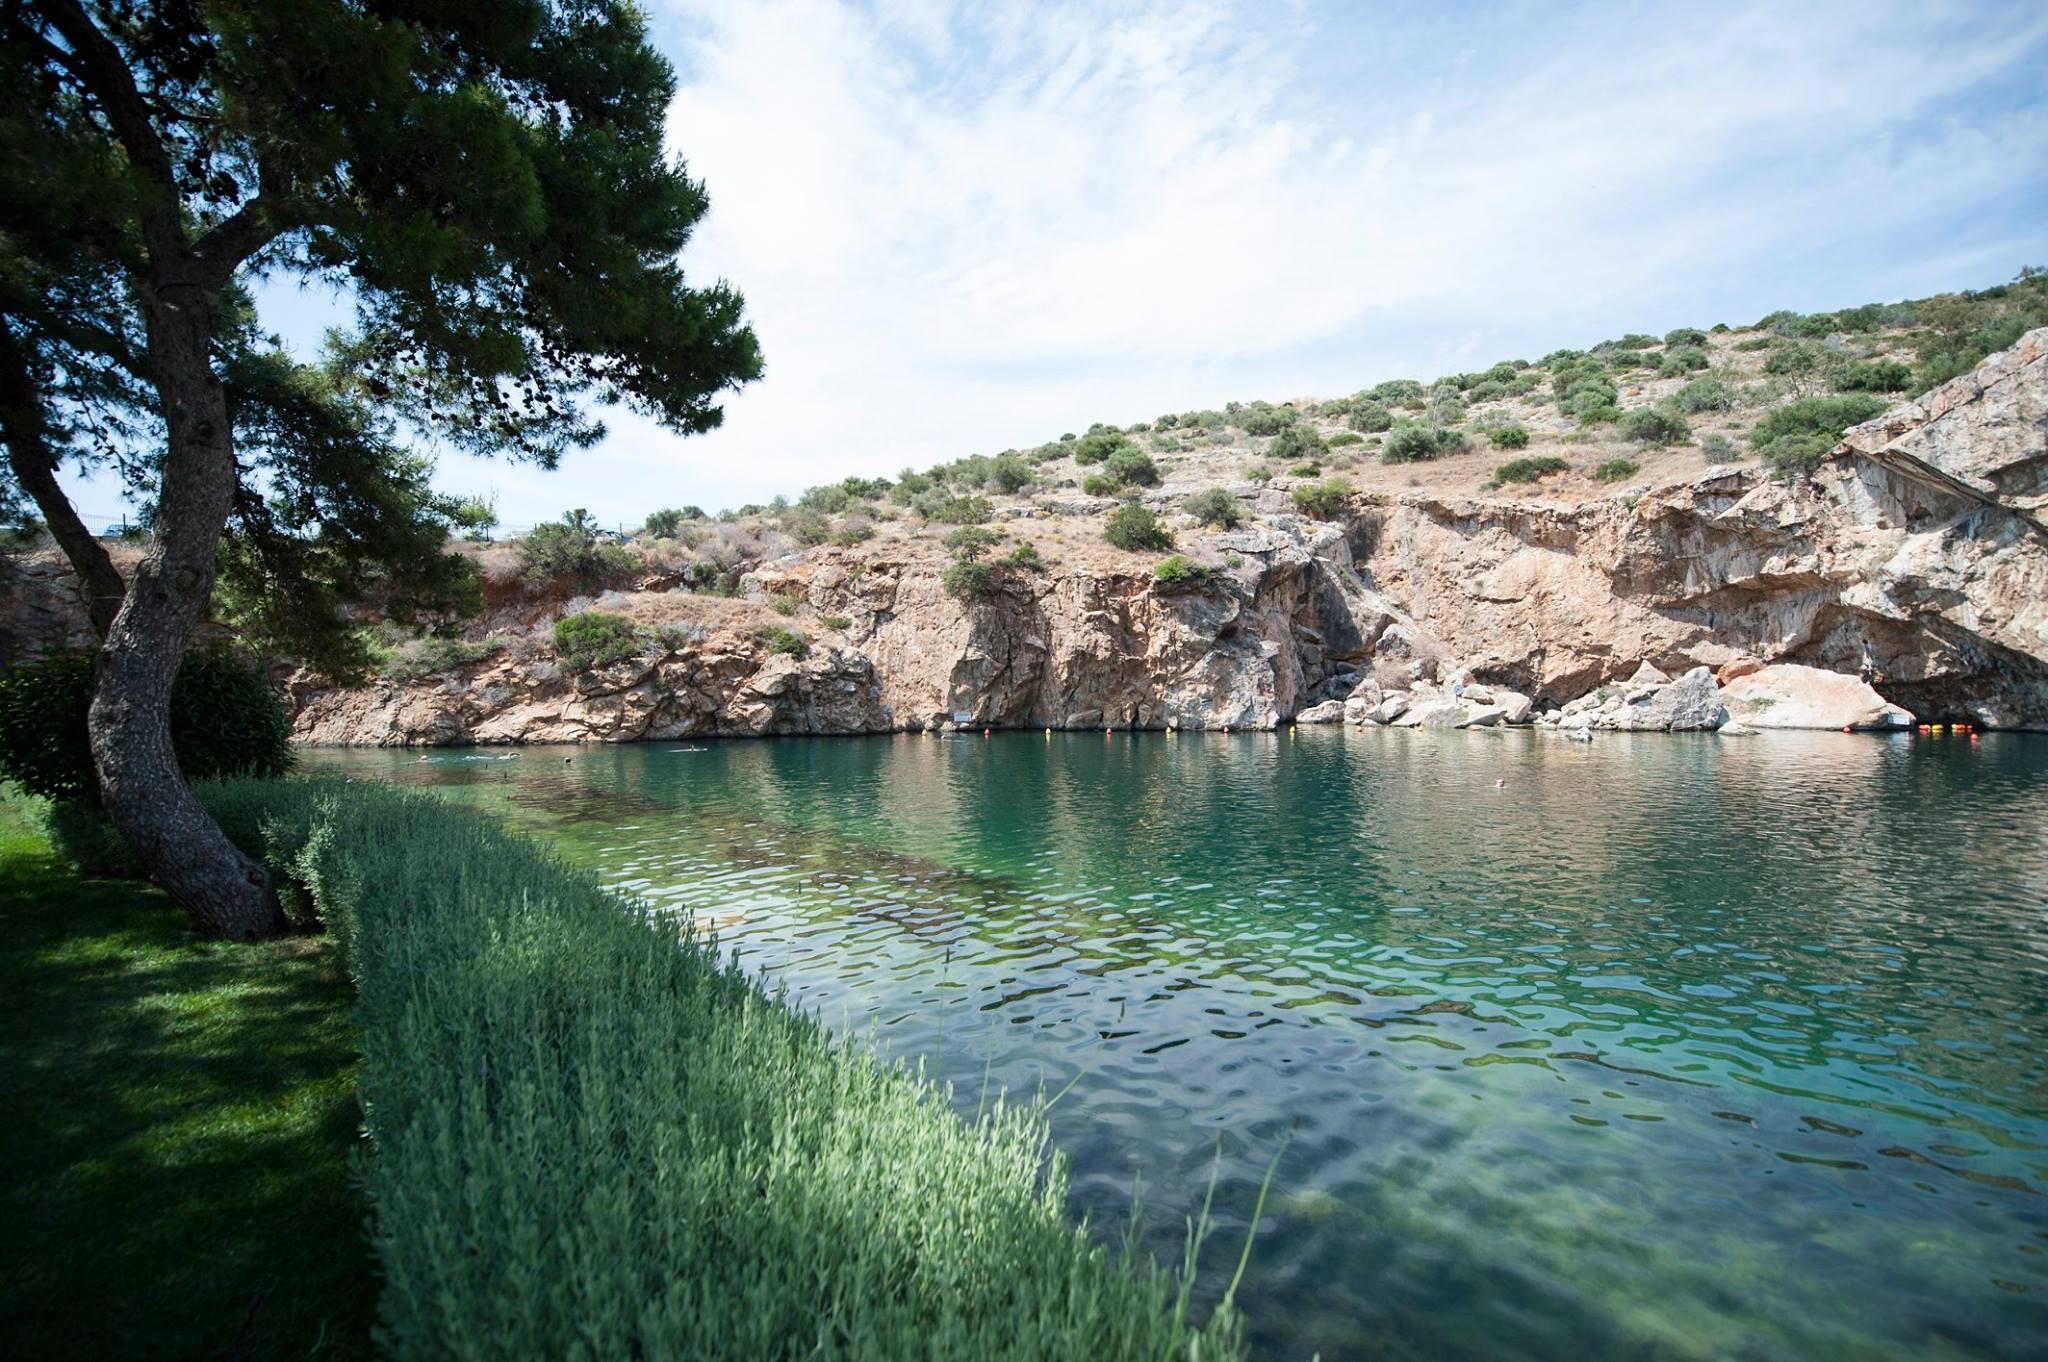 Λίμνη Βουλιαγμένης: 800 τμ αυθαιρέτων τακτοποιήθηκαν παρανόμως